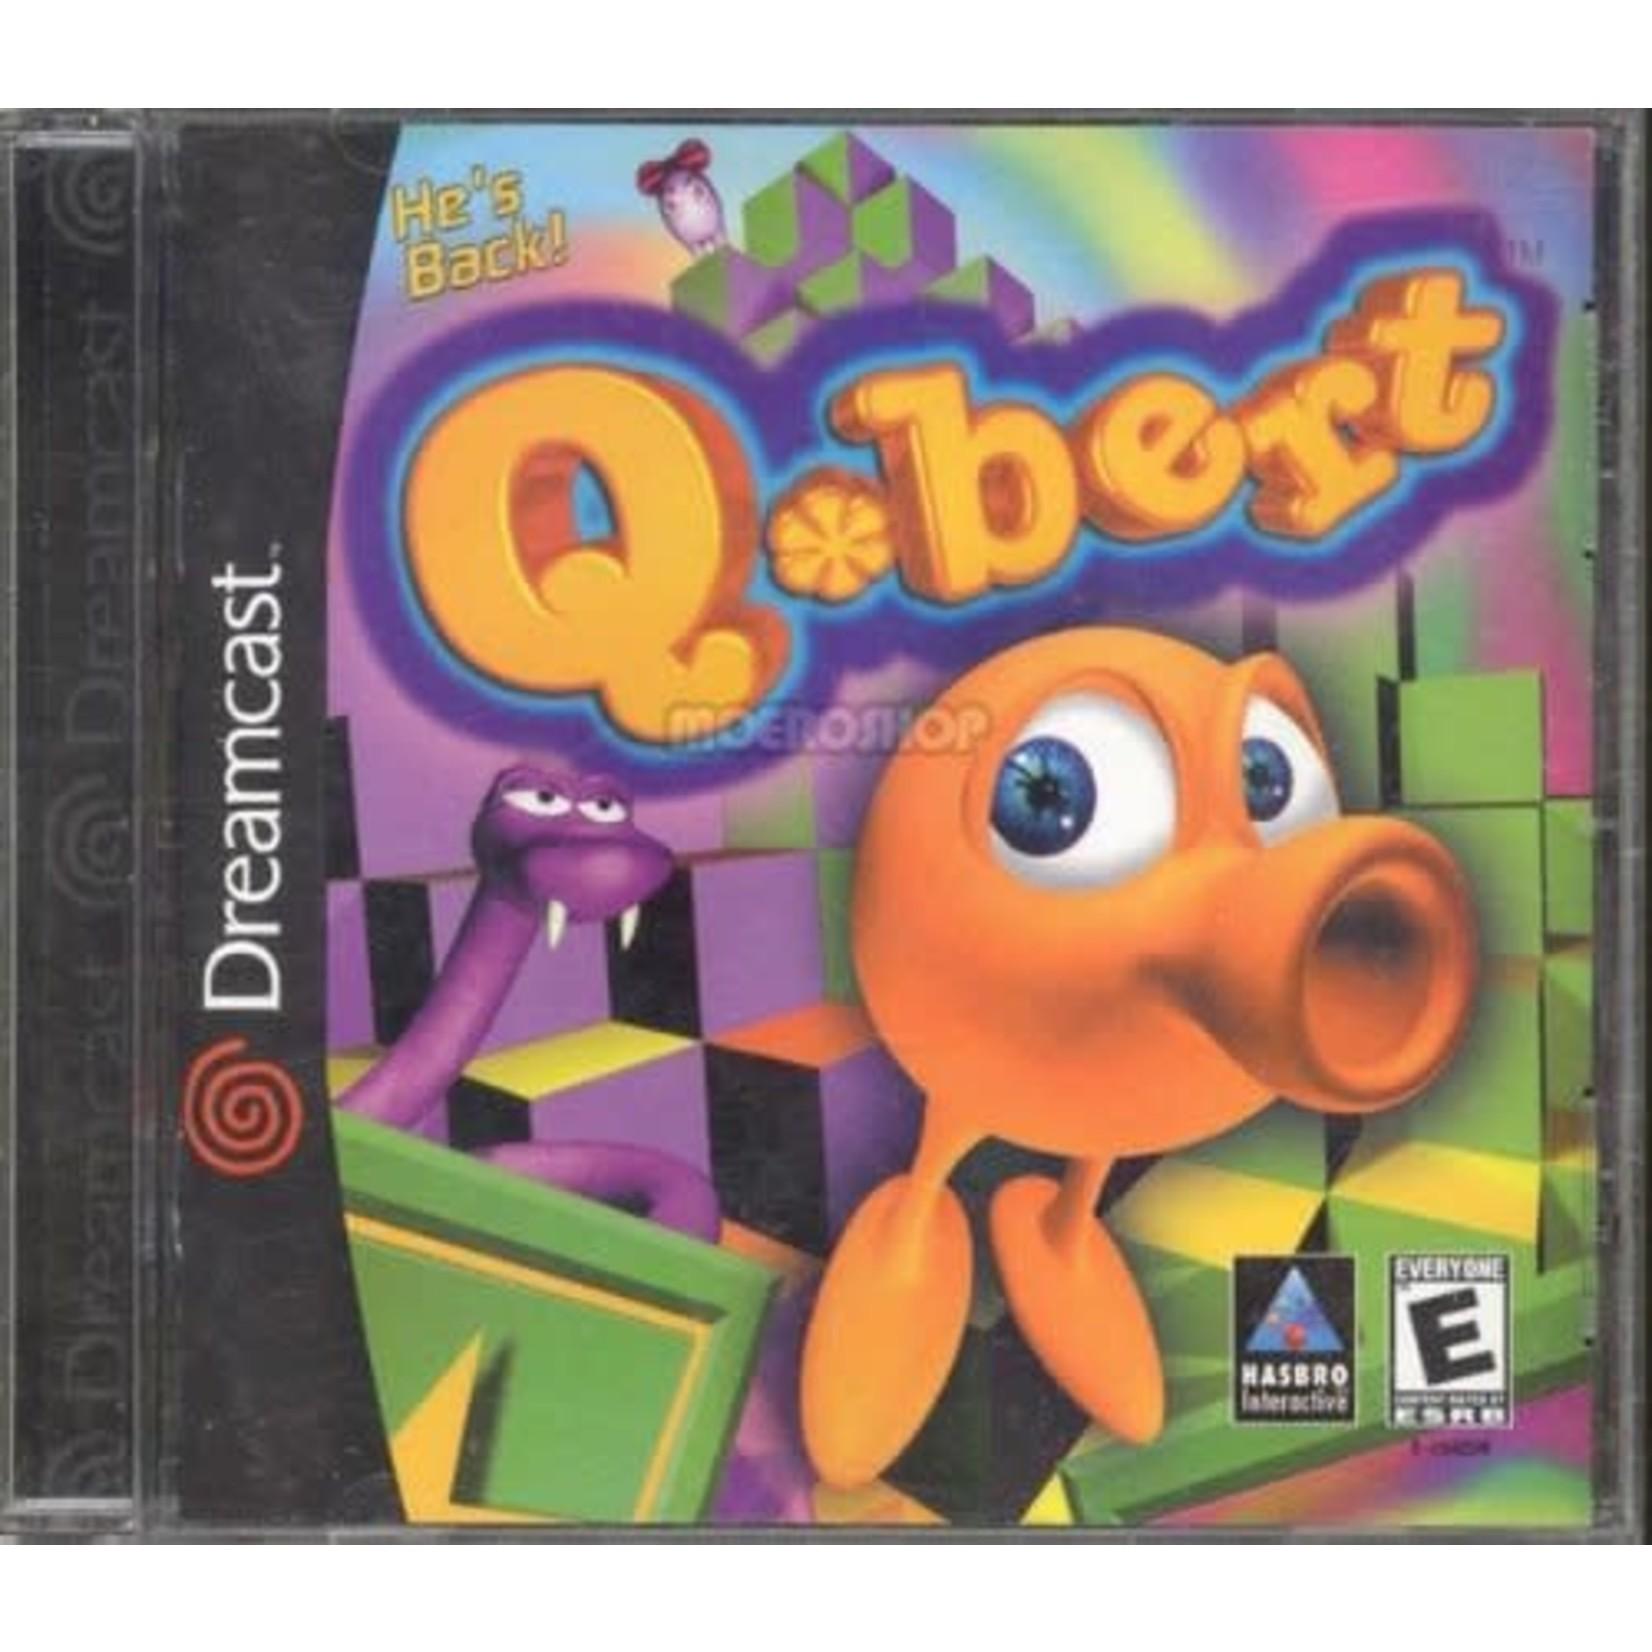 SDCU-Q*Bert